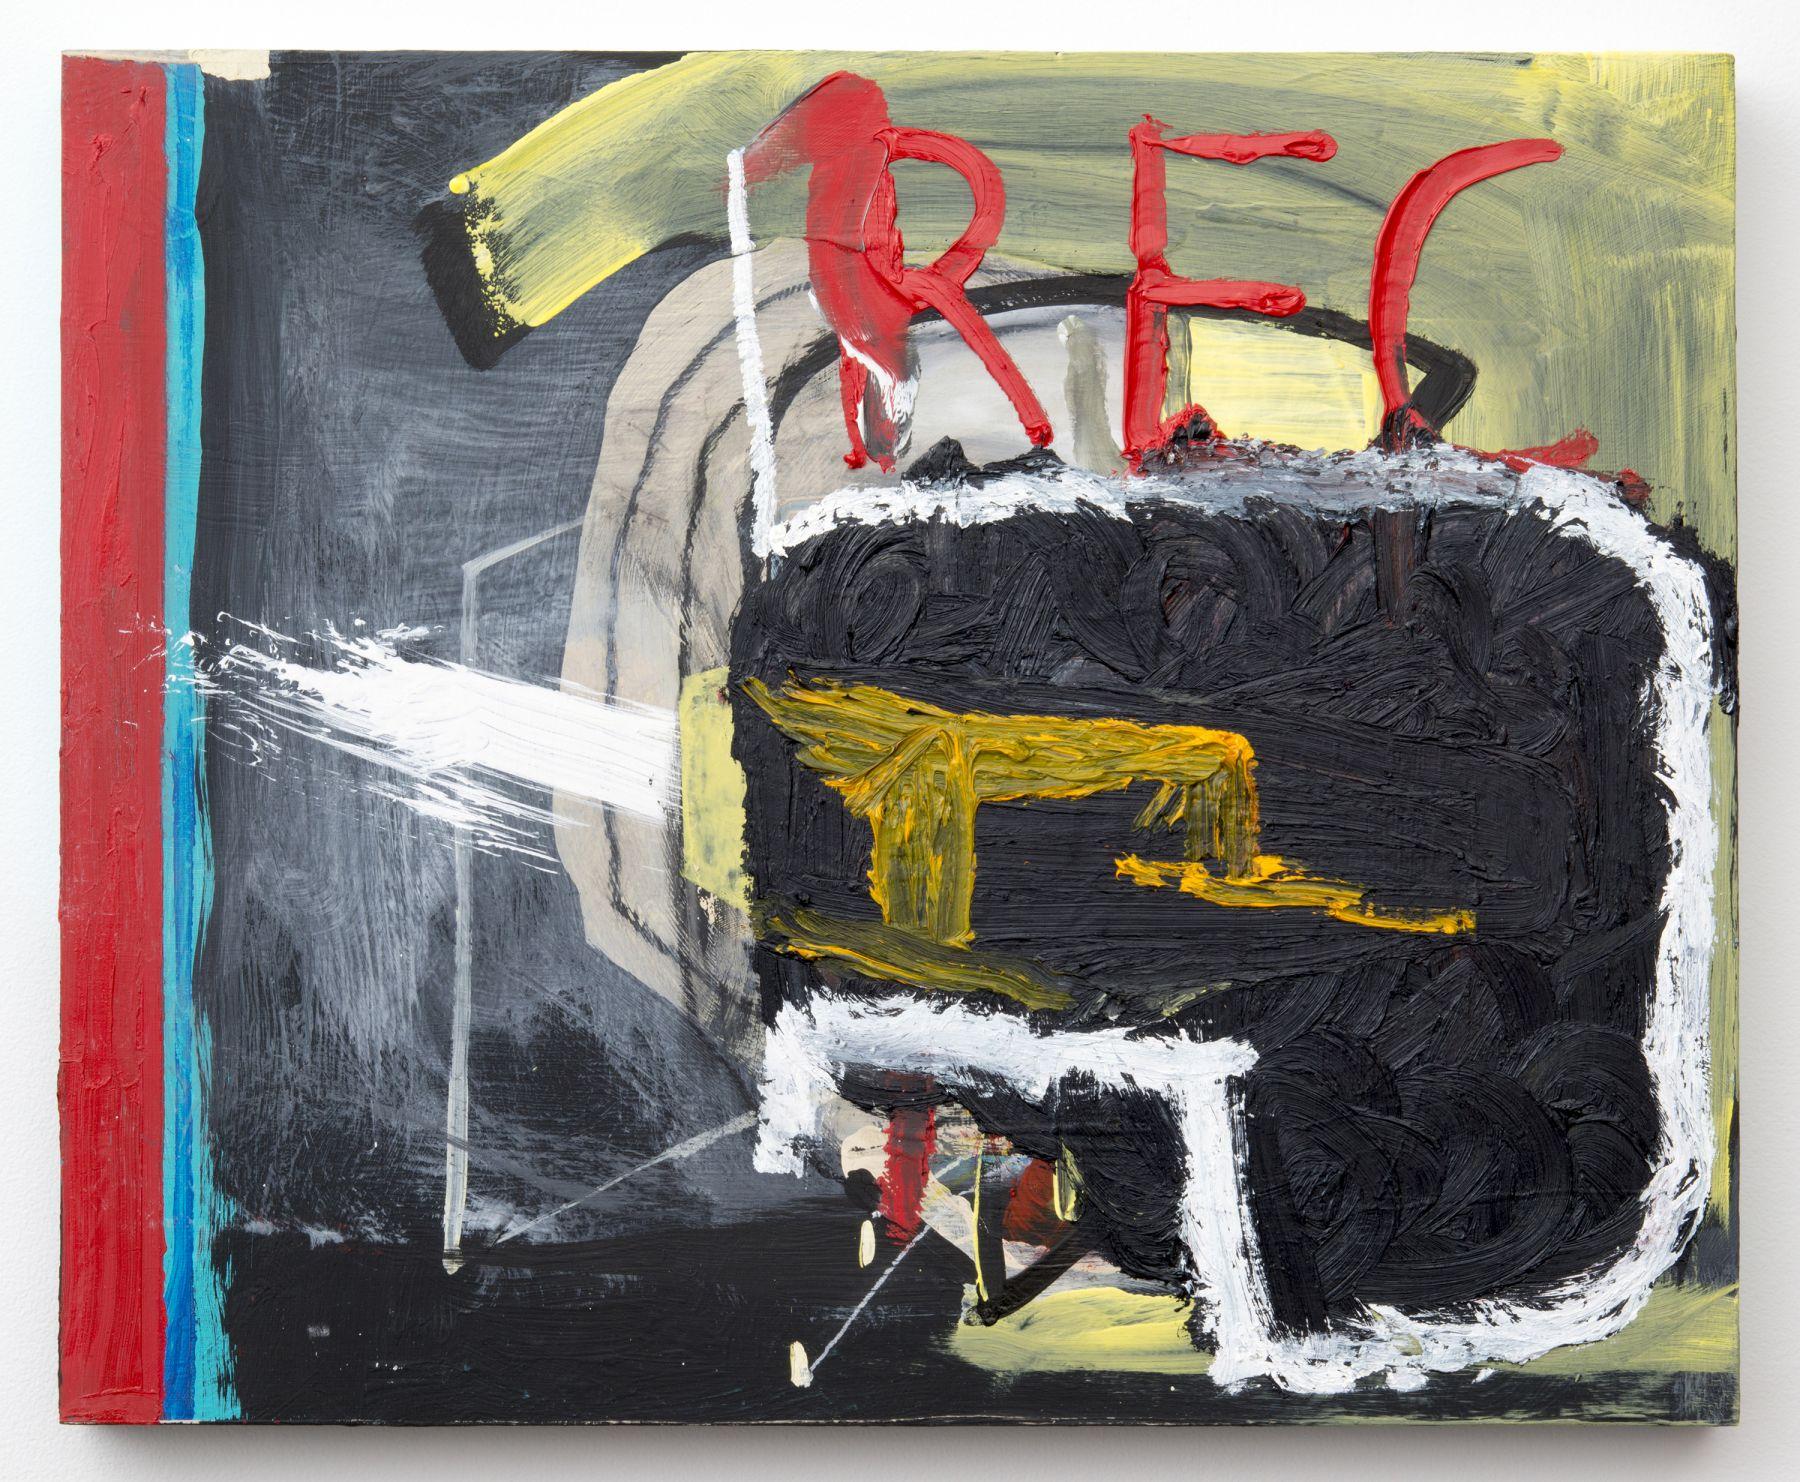 JJ PEET, REC_HEAD, 2014